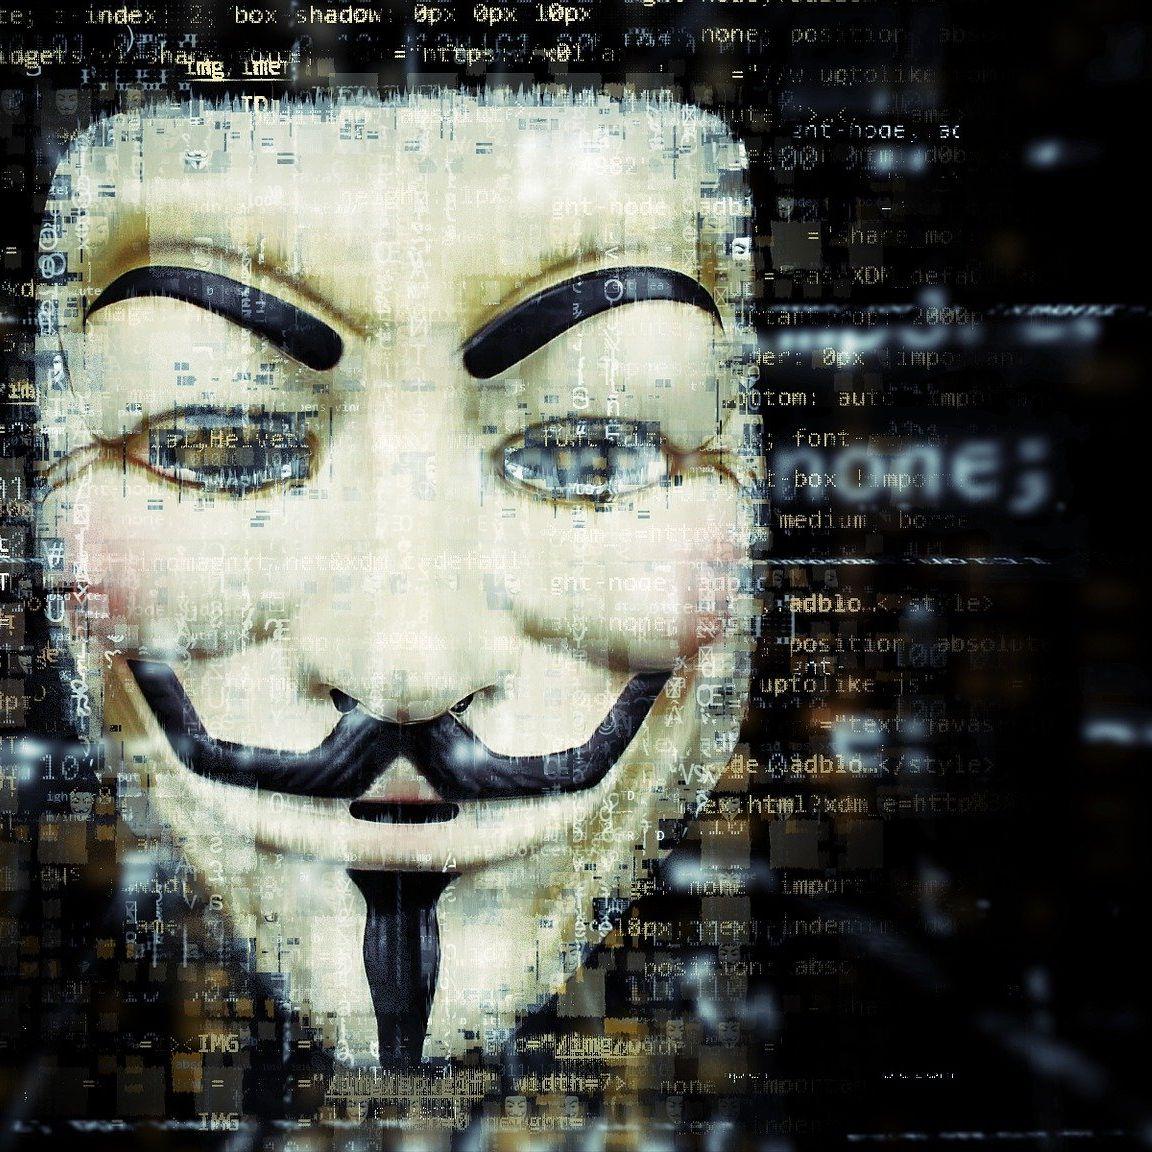 Анонимный специалист